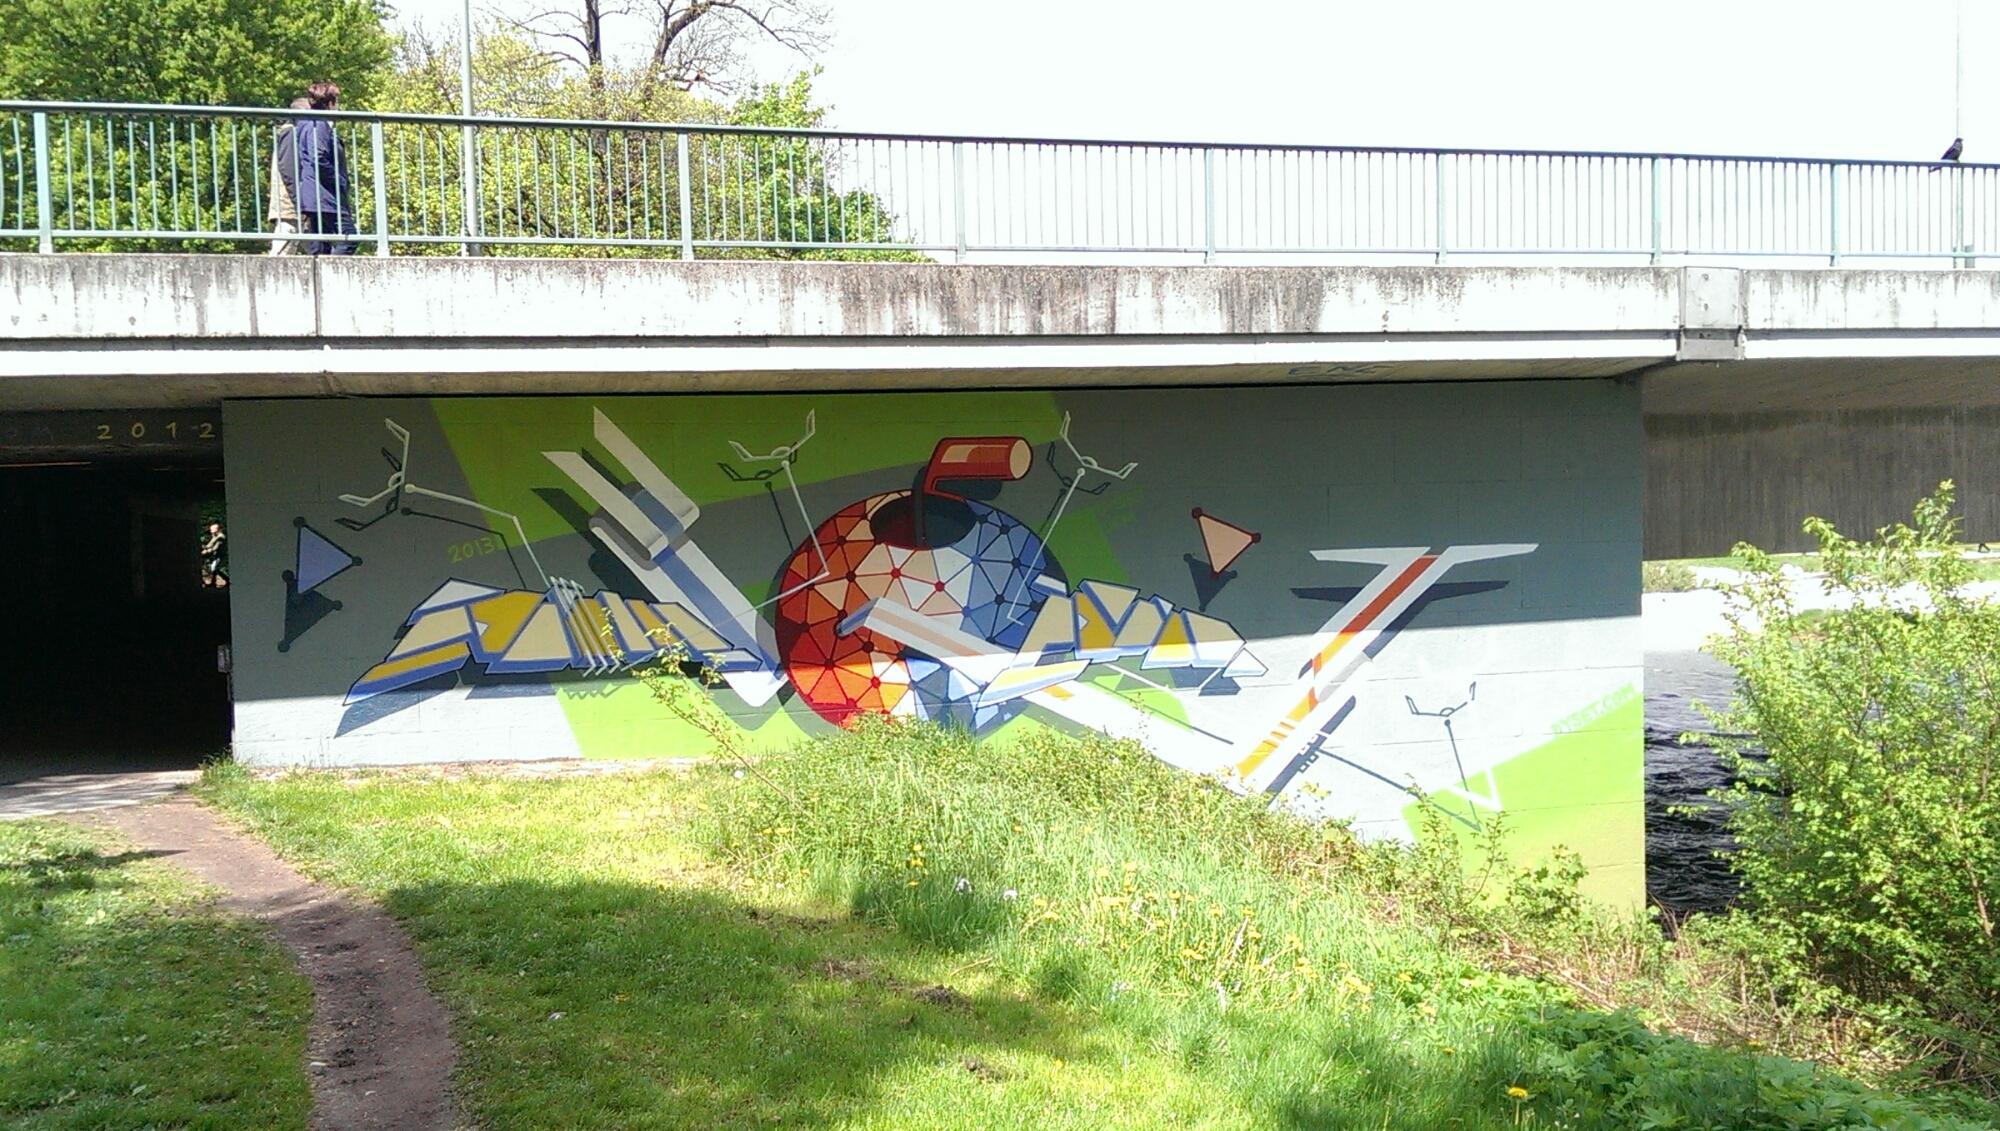 Brudermühlbrücke